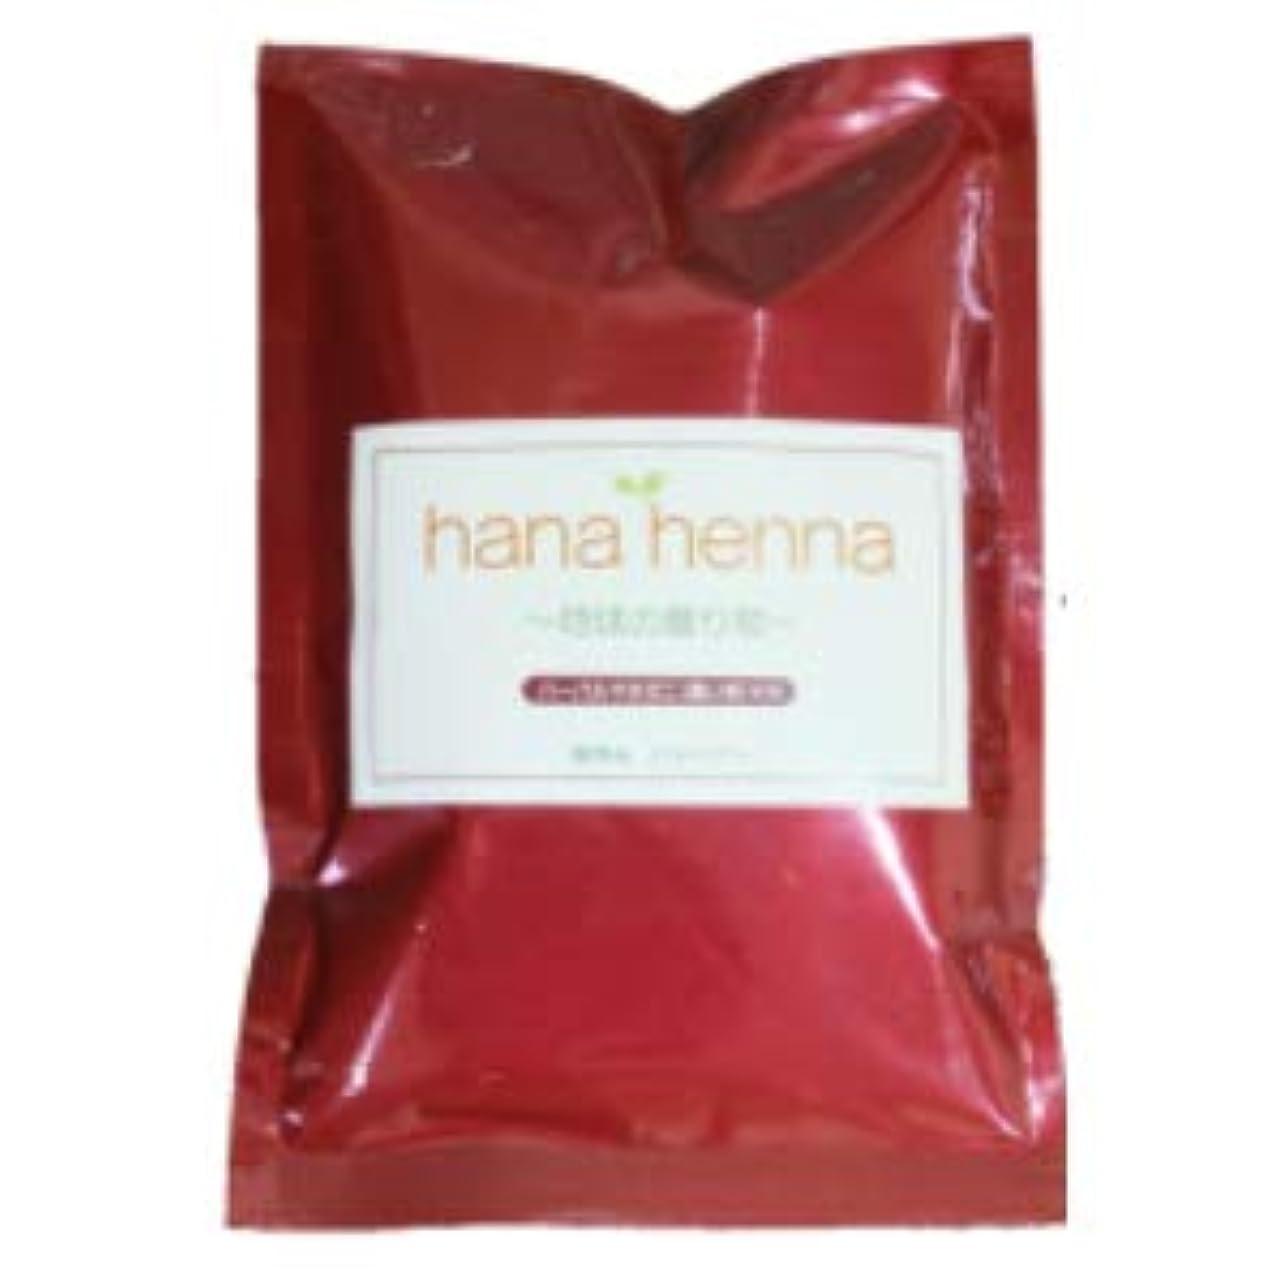 偶然悪意のある物語?hana henna?ハナヘナ ハーバルマホガニー(濃い茶) (100g)